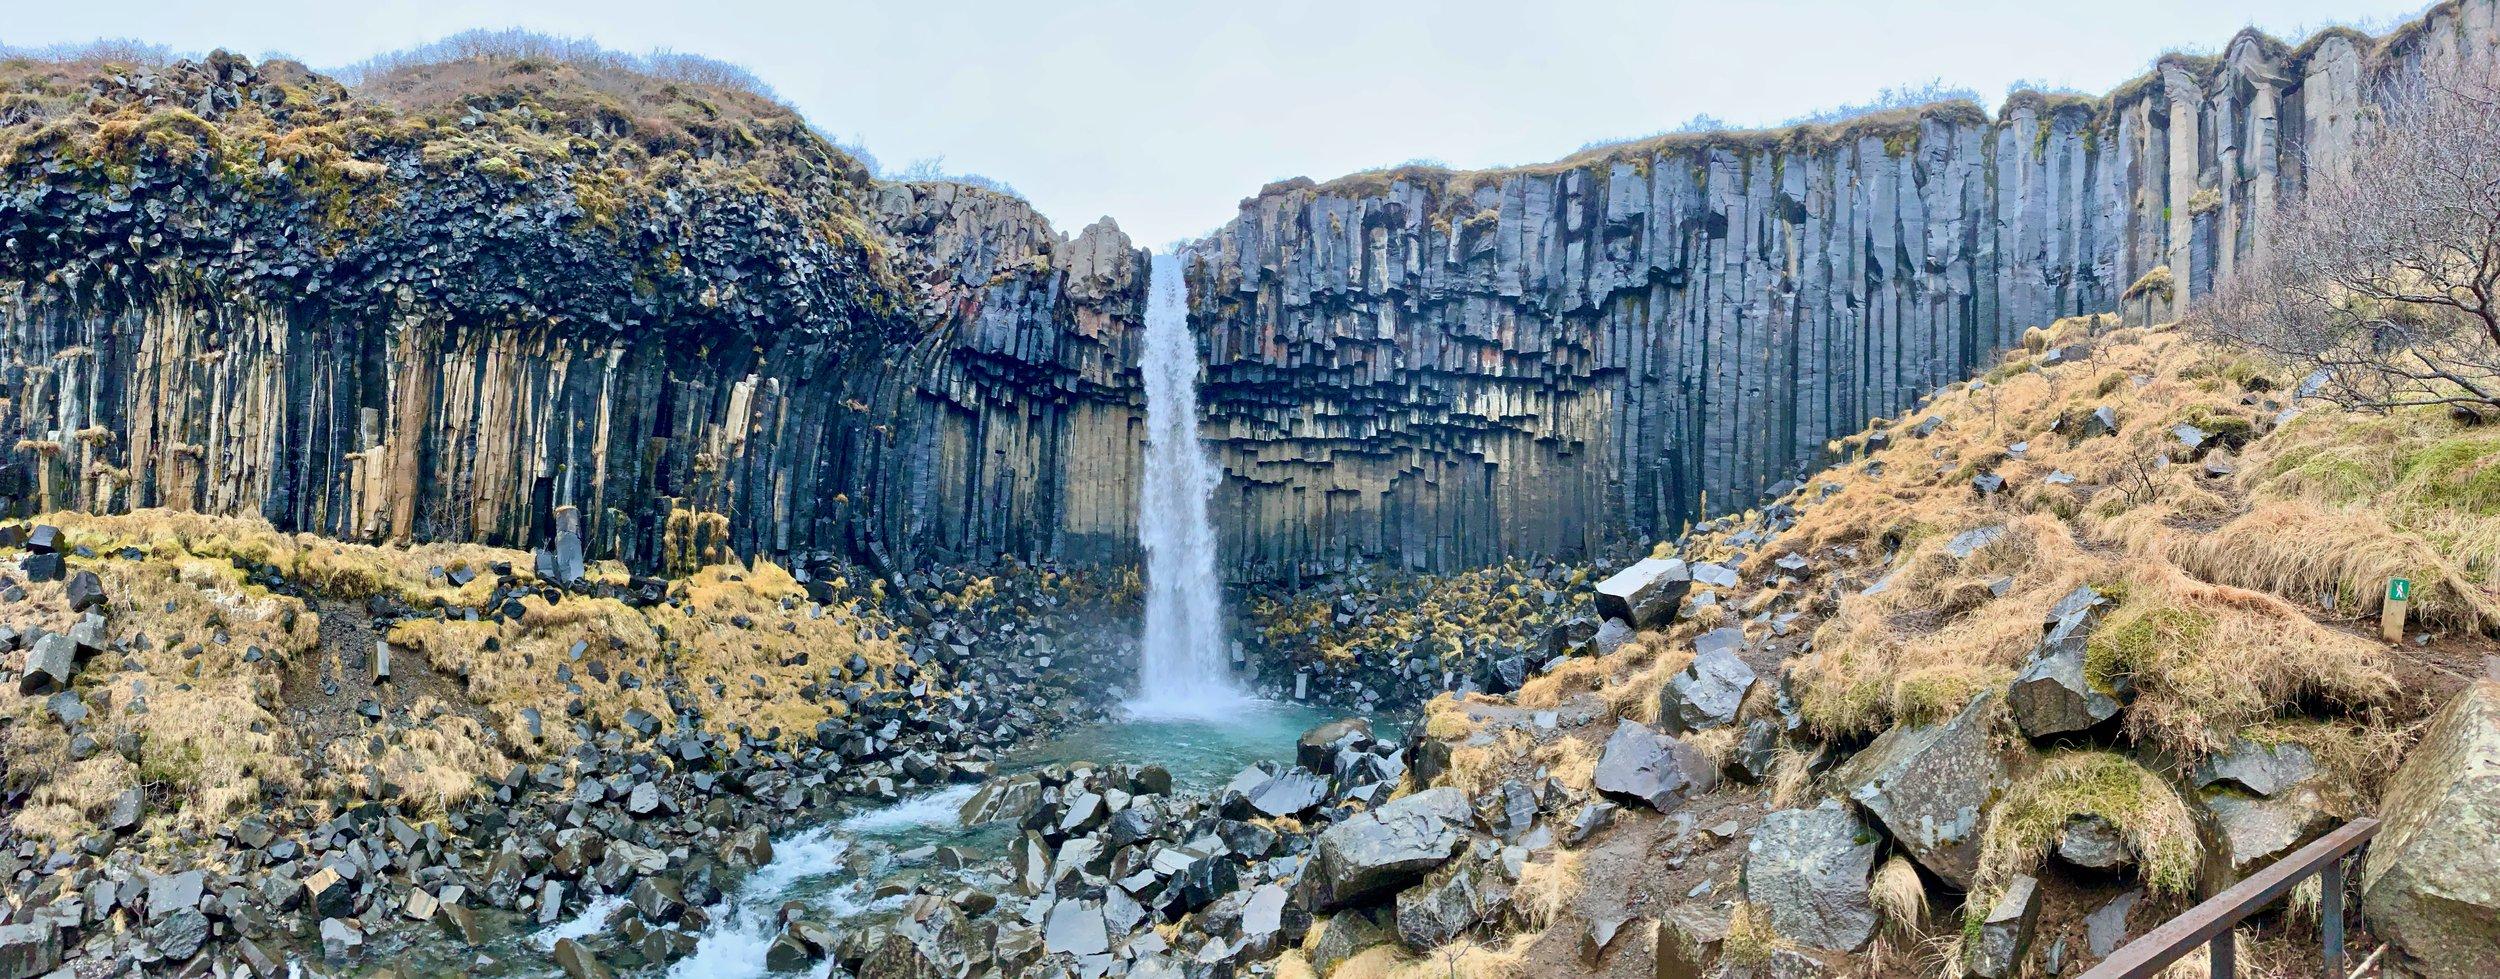 Svartifoss in Vatnajökull National Park, Iceland